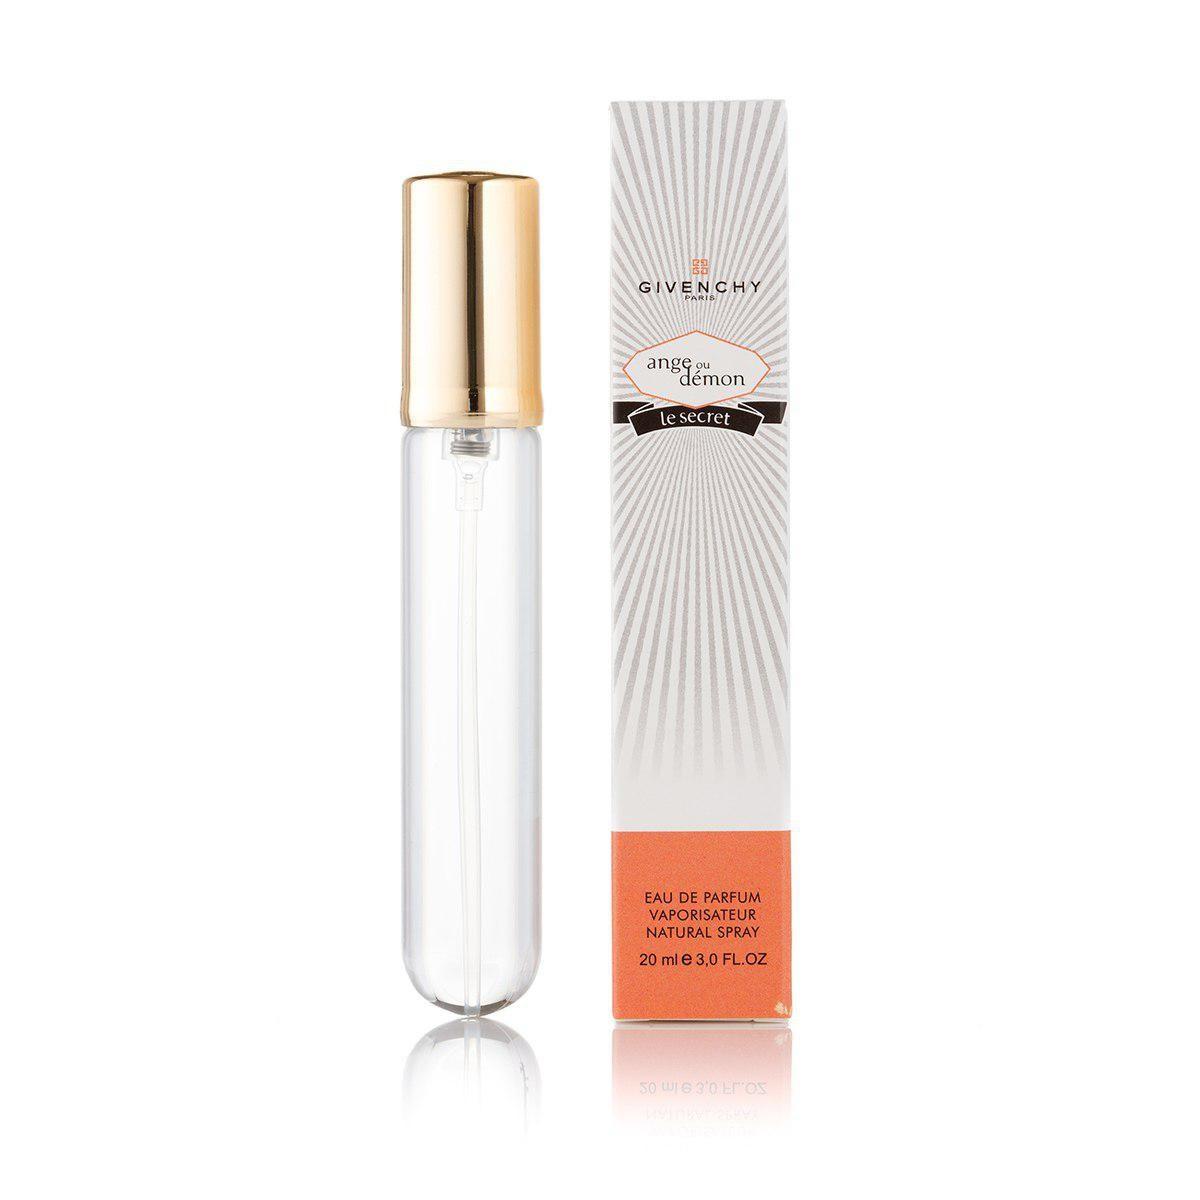 20 мл міні-парфум Ange Ou Demon Le Secret Givenchy (ж)